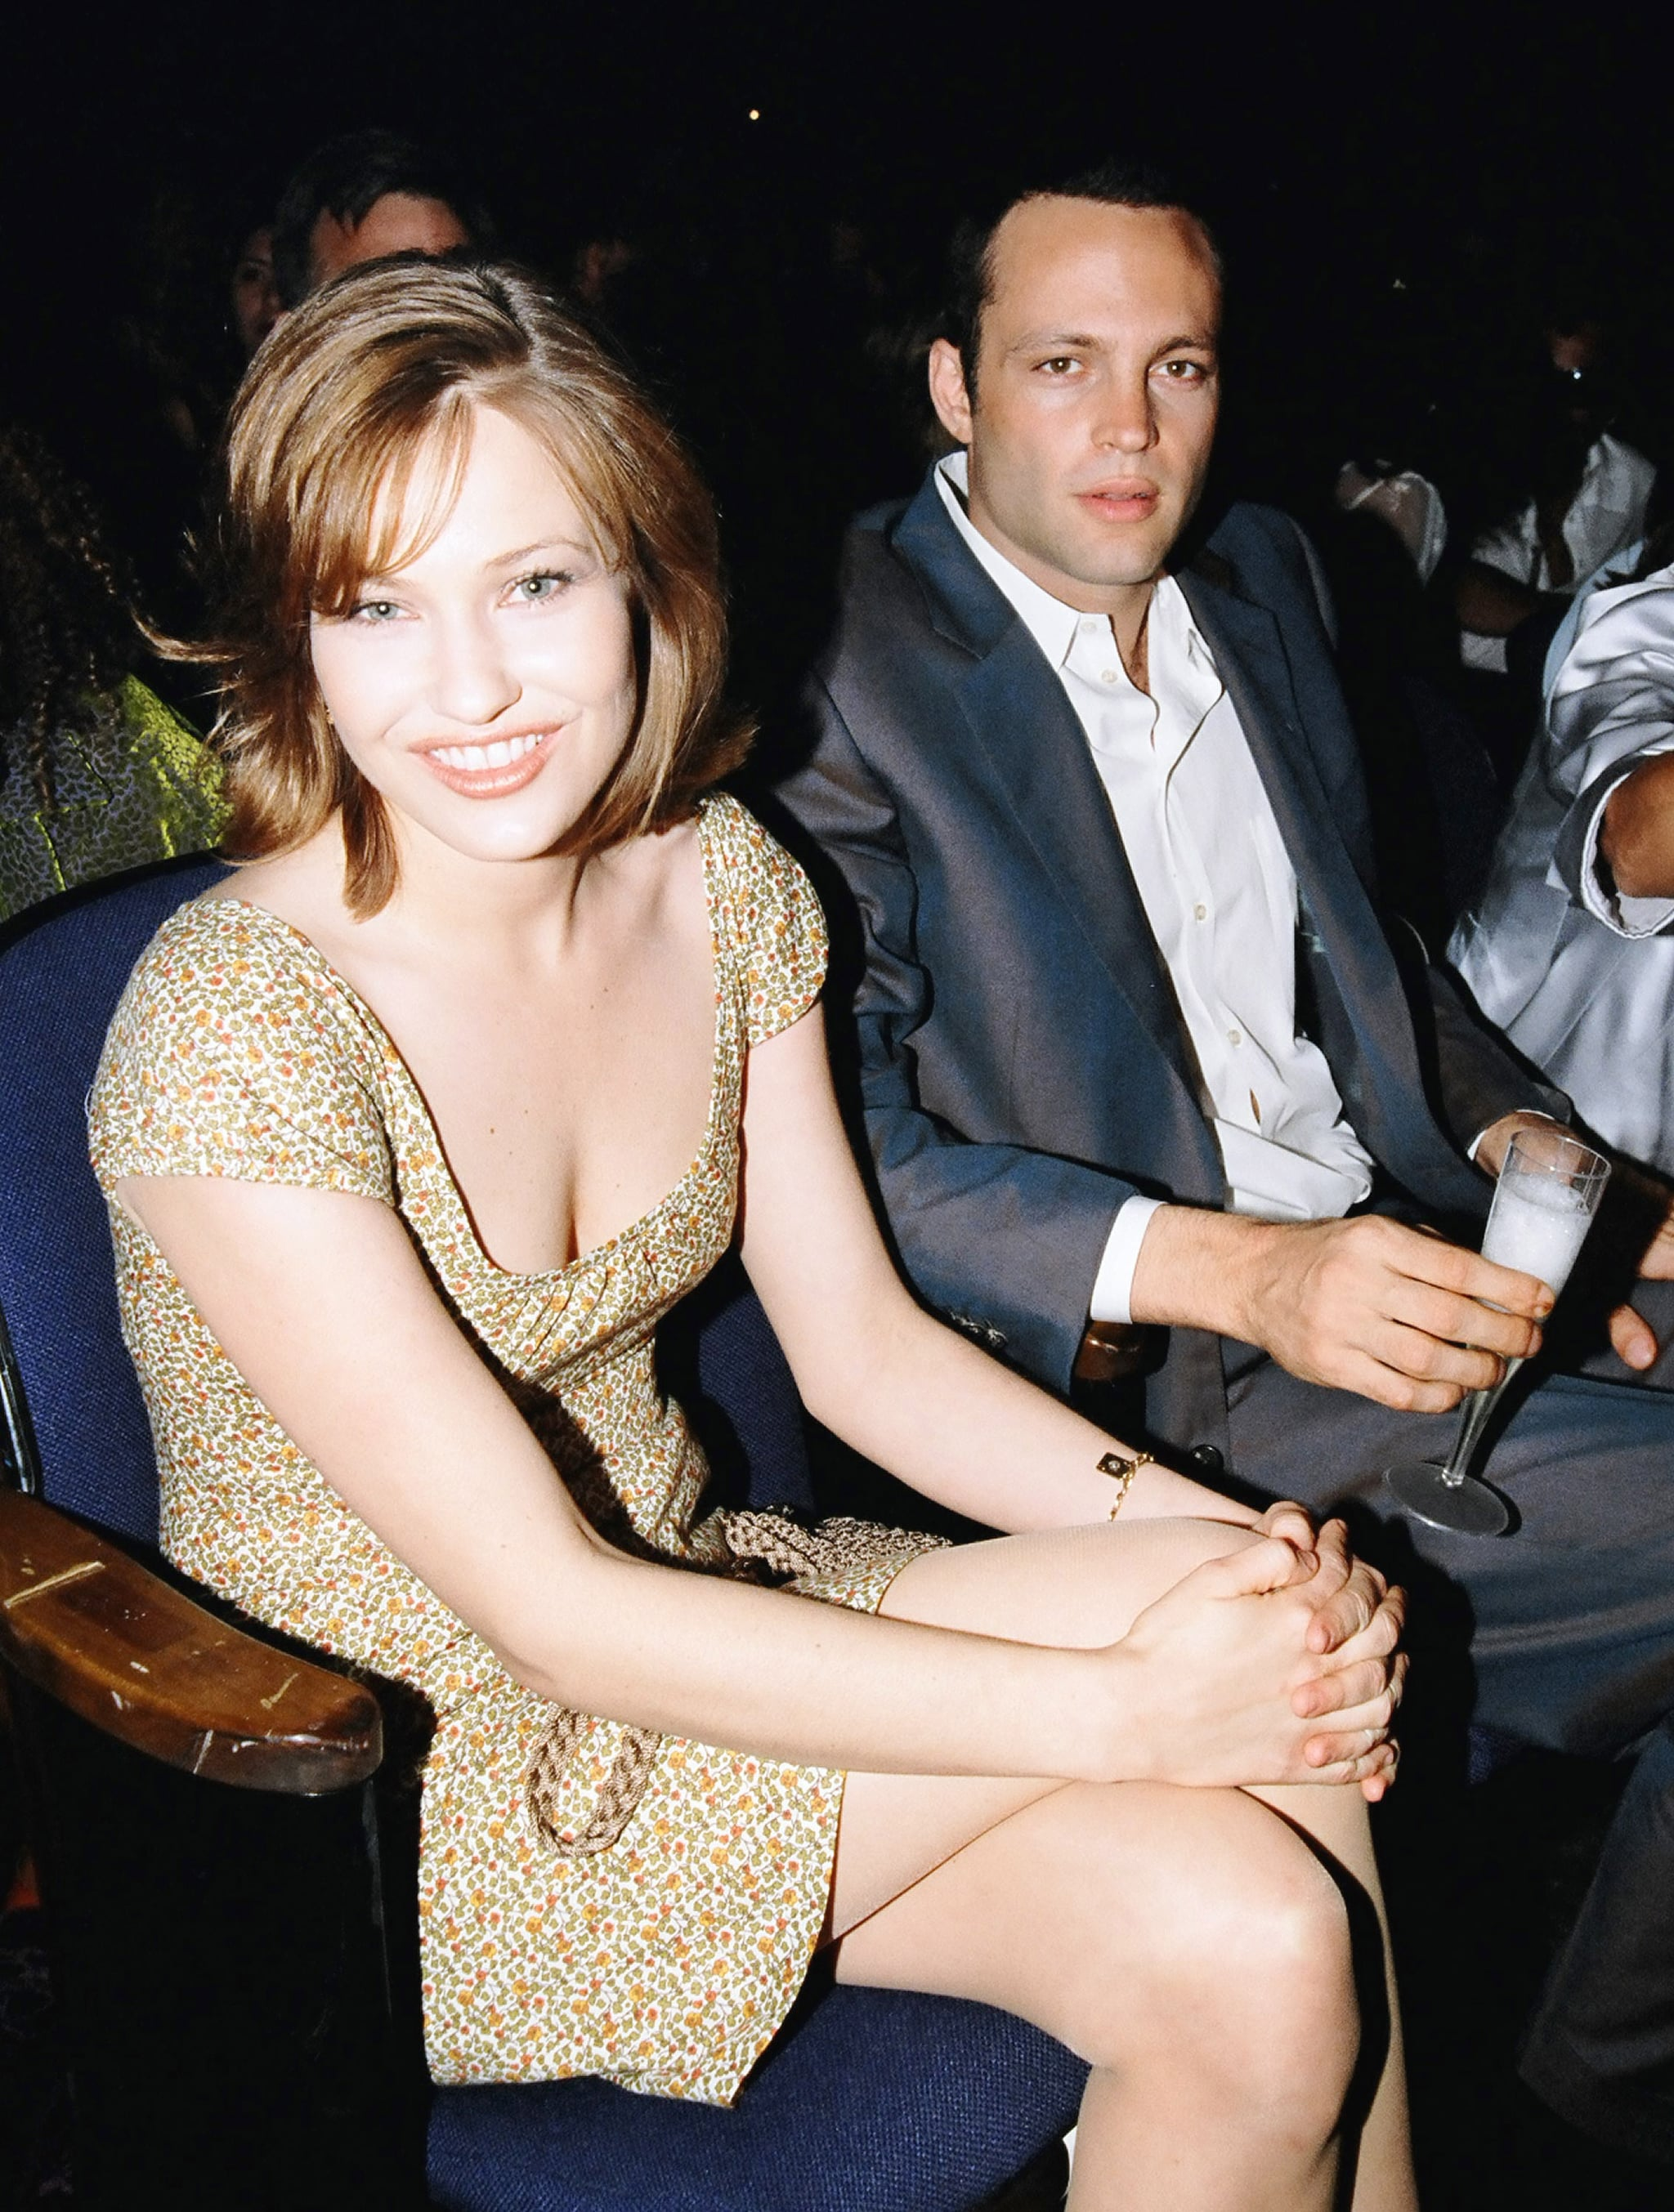 Vince Vaughn sat with Big Daddy's Joey Lauren Adams.